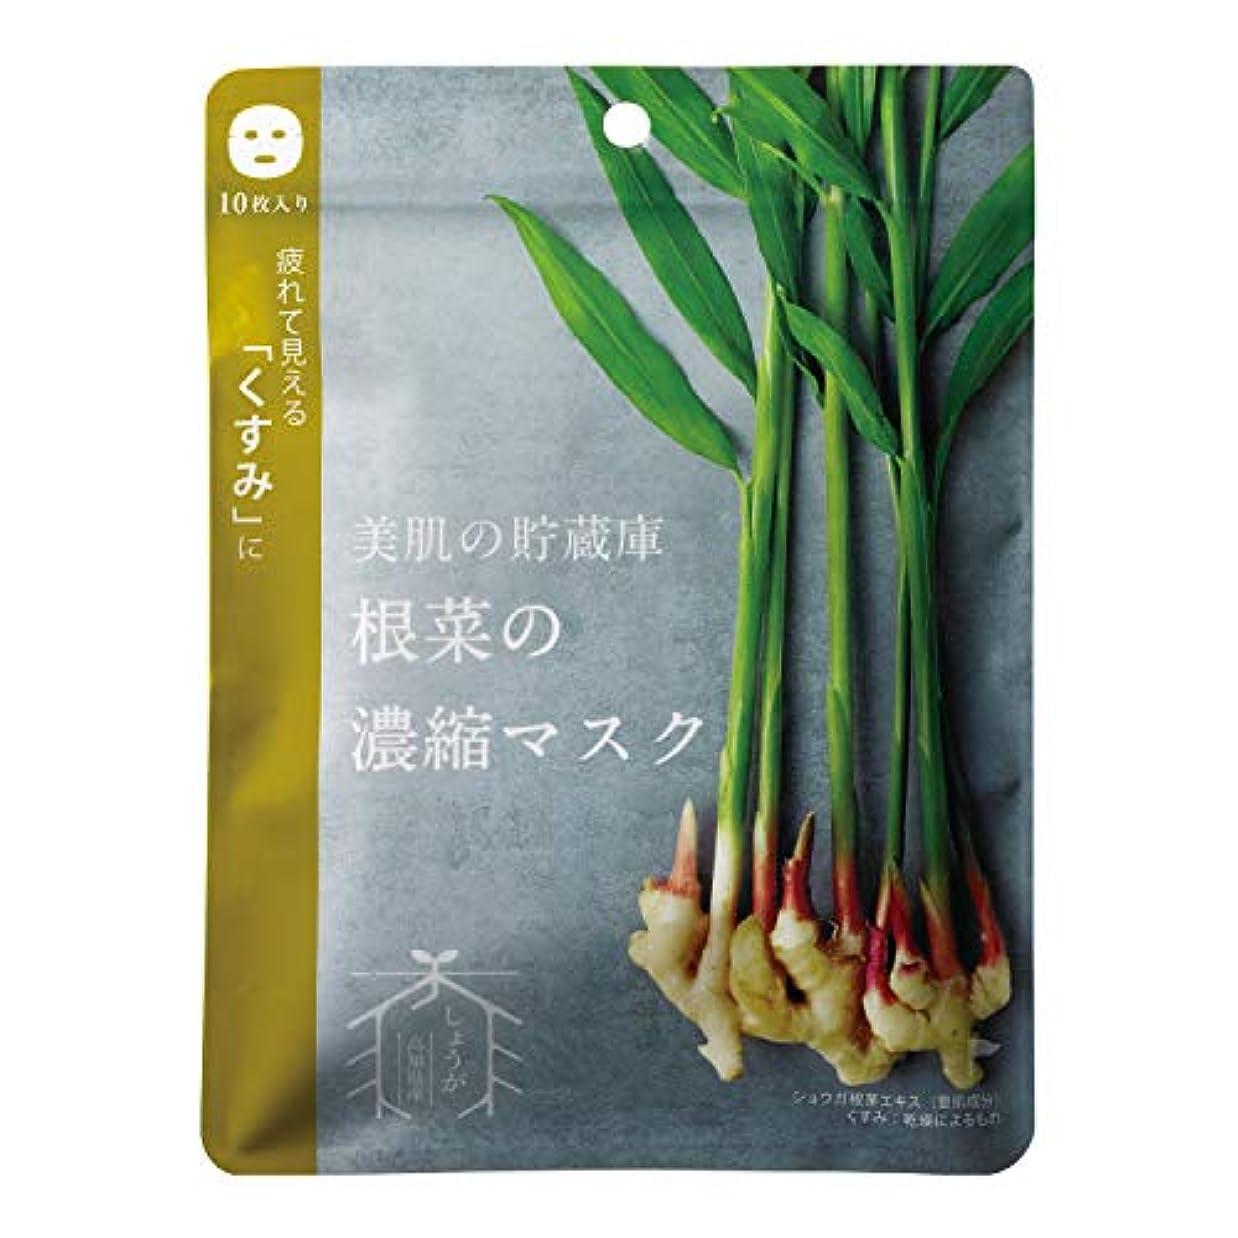 活気づく戦闘完璧@cosme nippon 美肌の貯蔵庫 根菜の濃縮マスク 土佐一しょうが 10枚 160ml